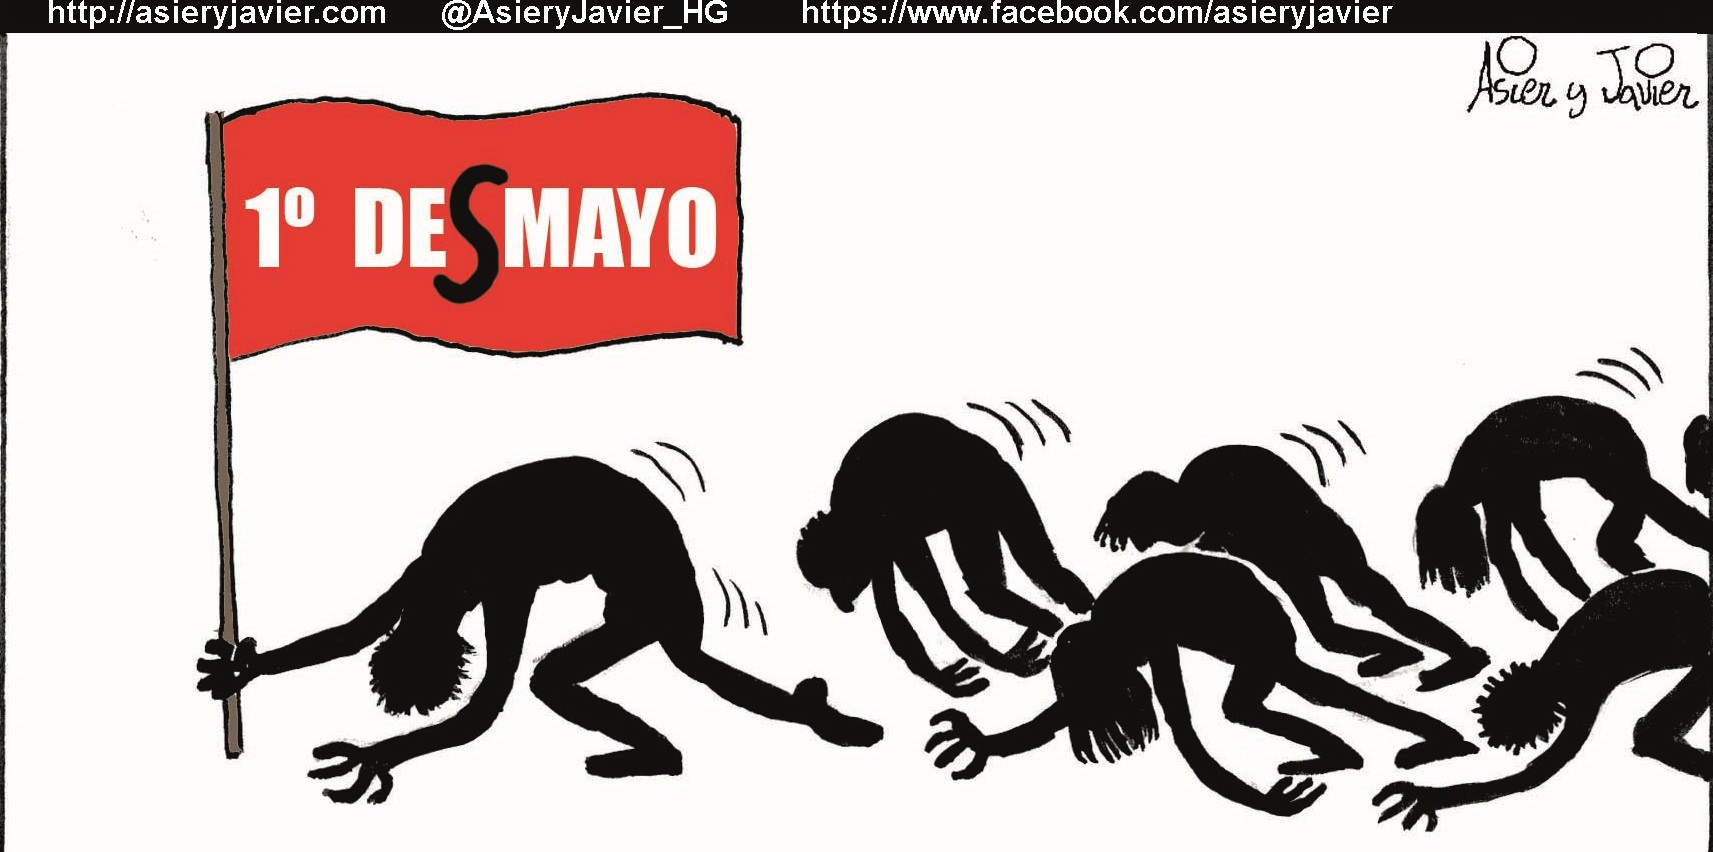 1 de mayo, Día Internacional del Trabajo. Viñeta